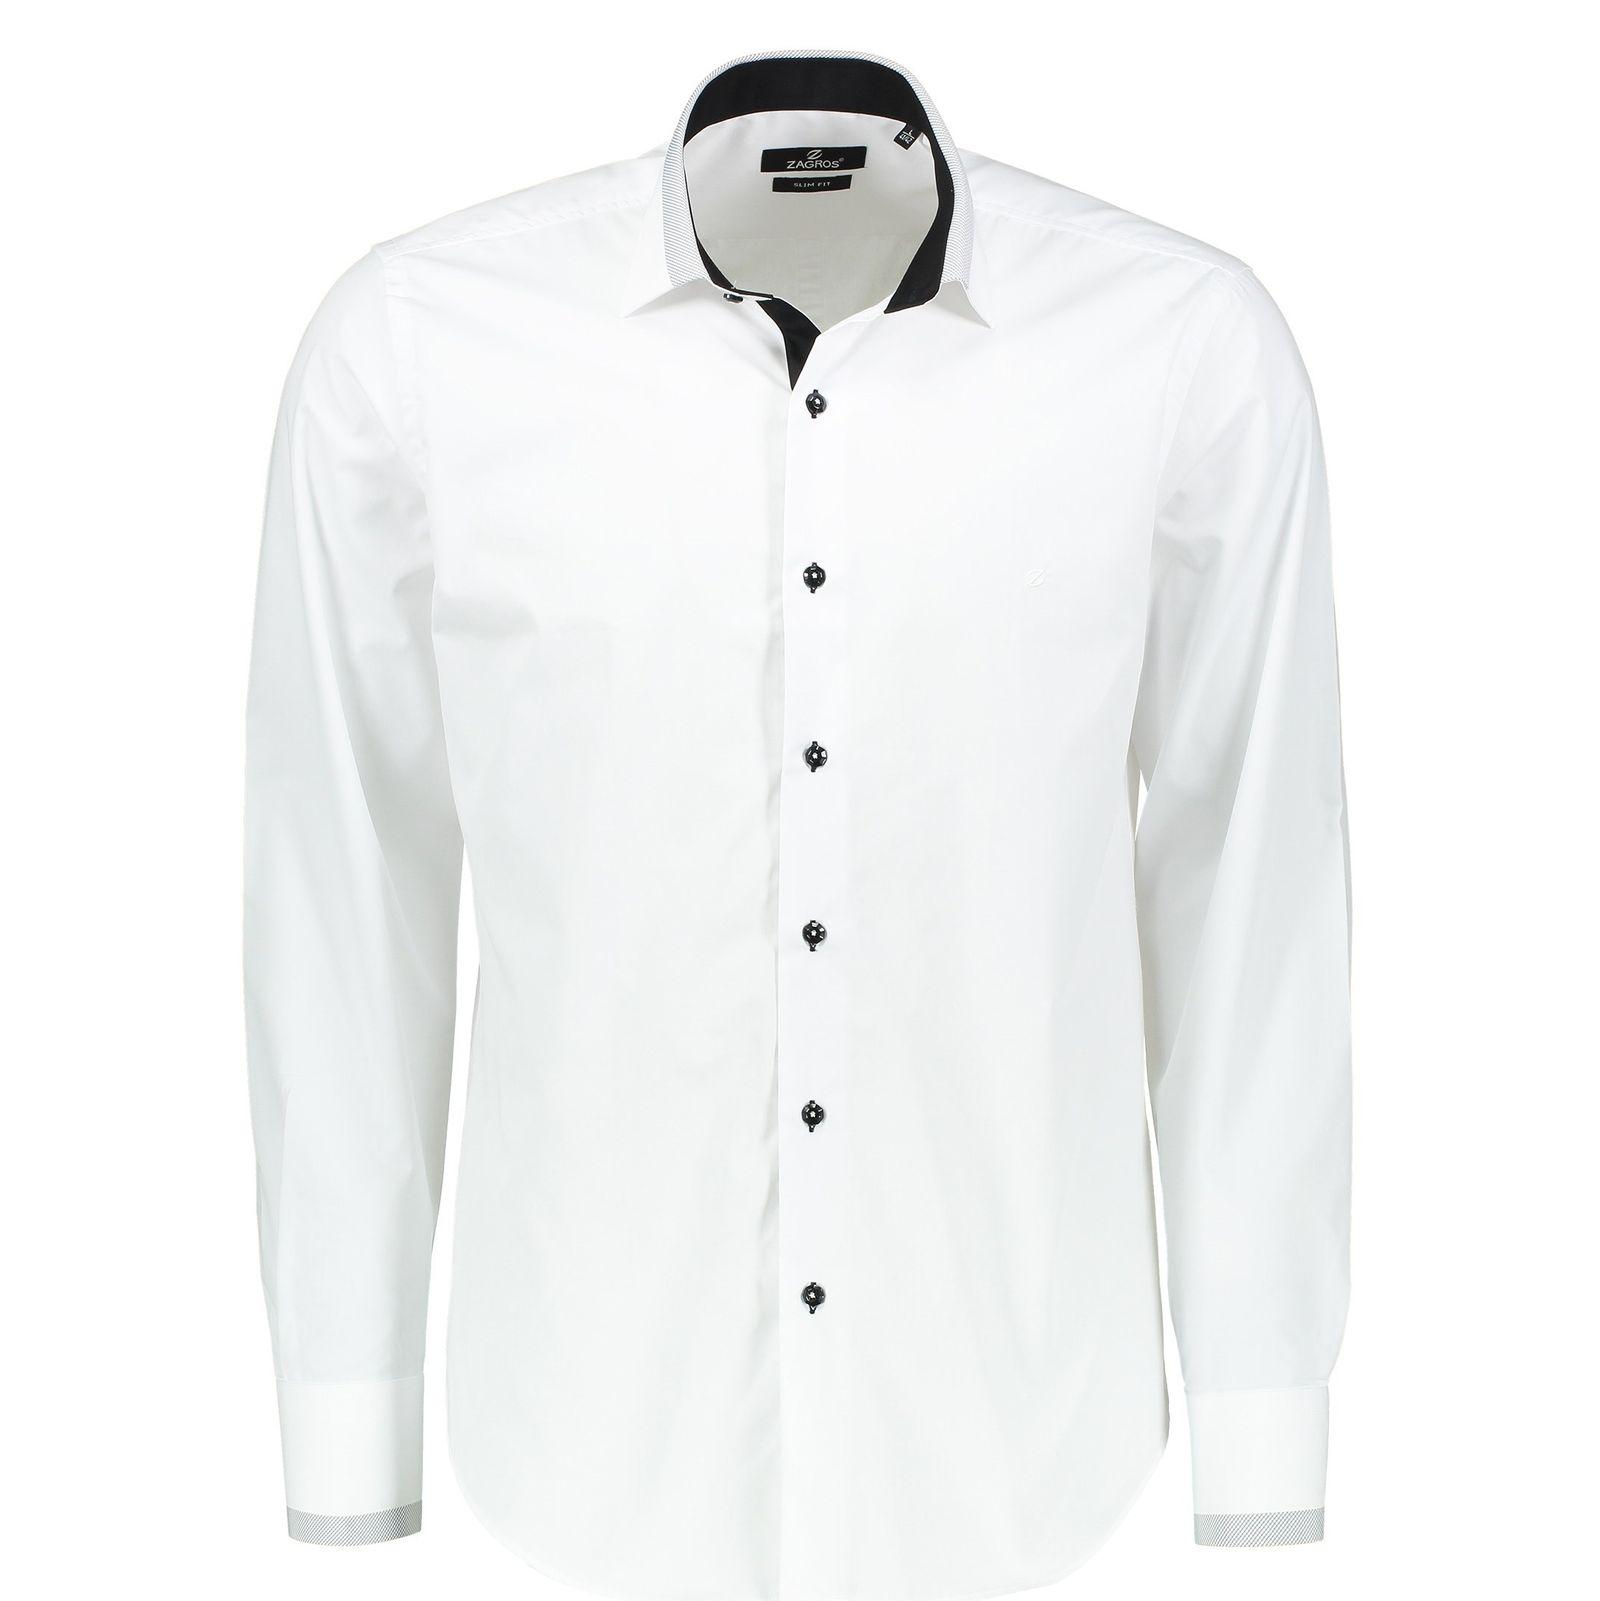 پیراهن رسمی مردانه - زاگرس پوش - سفيد - 1